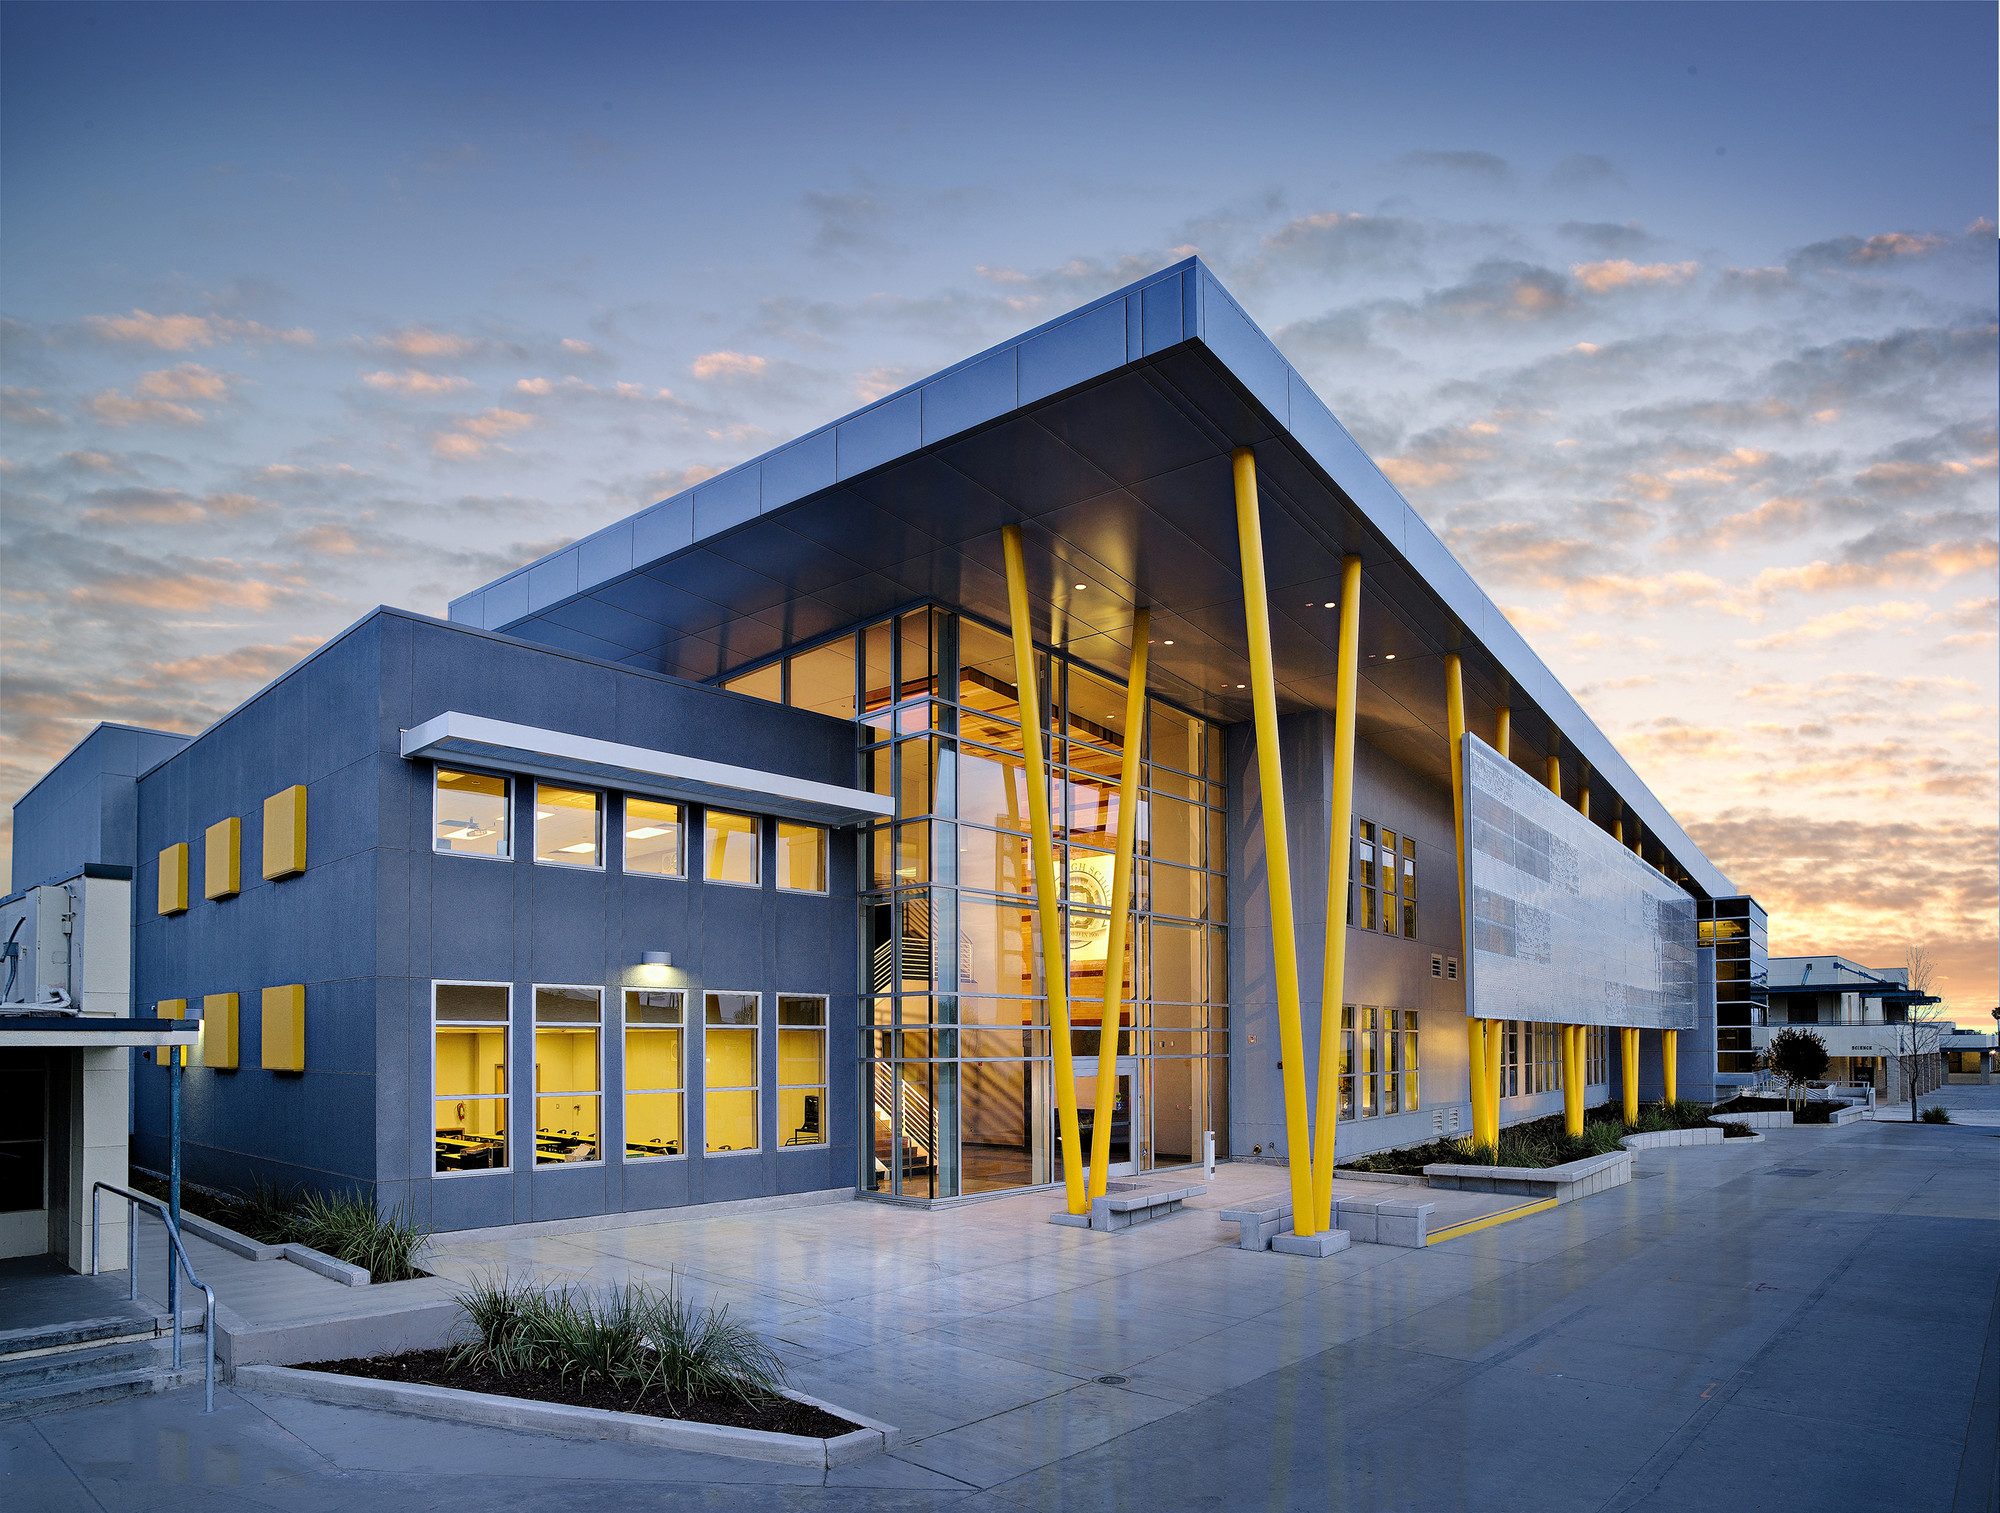 schools for architecture in california